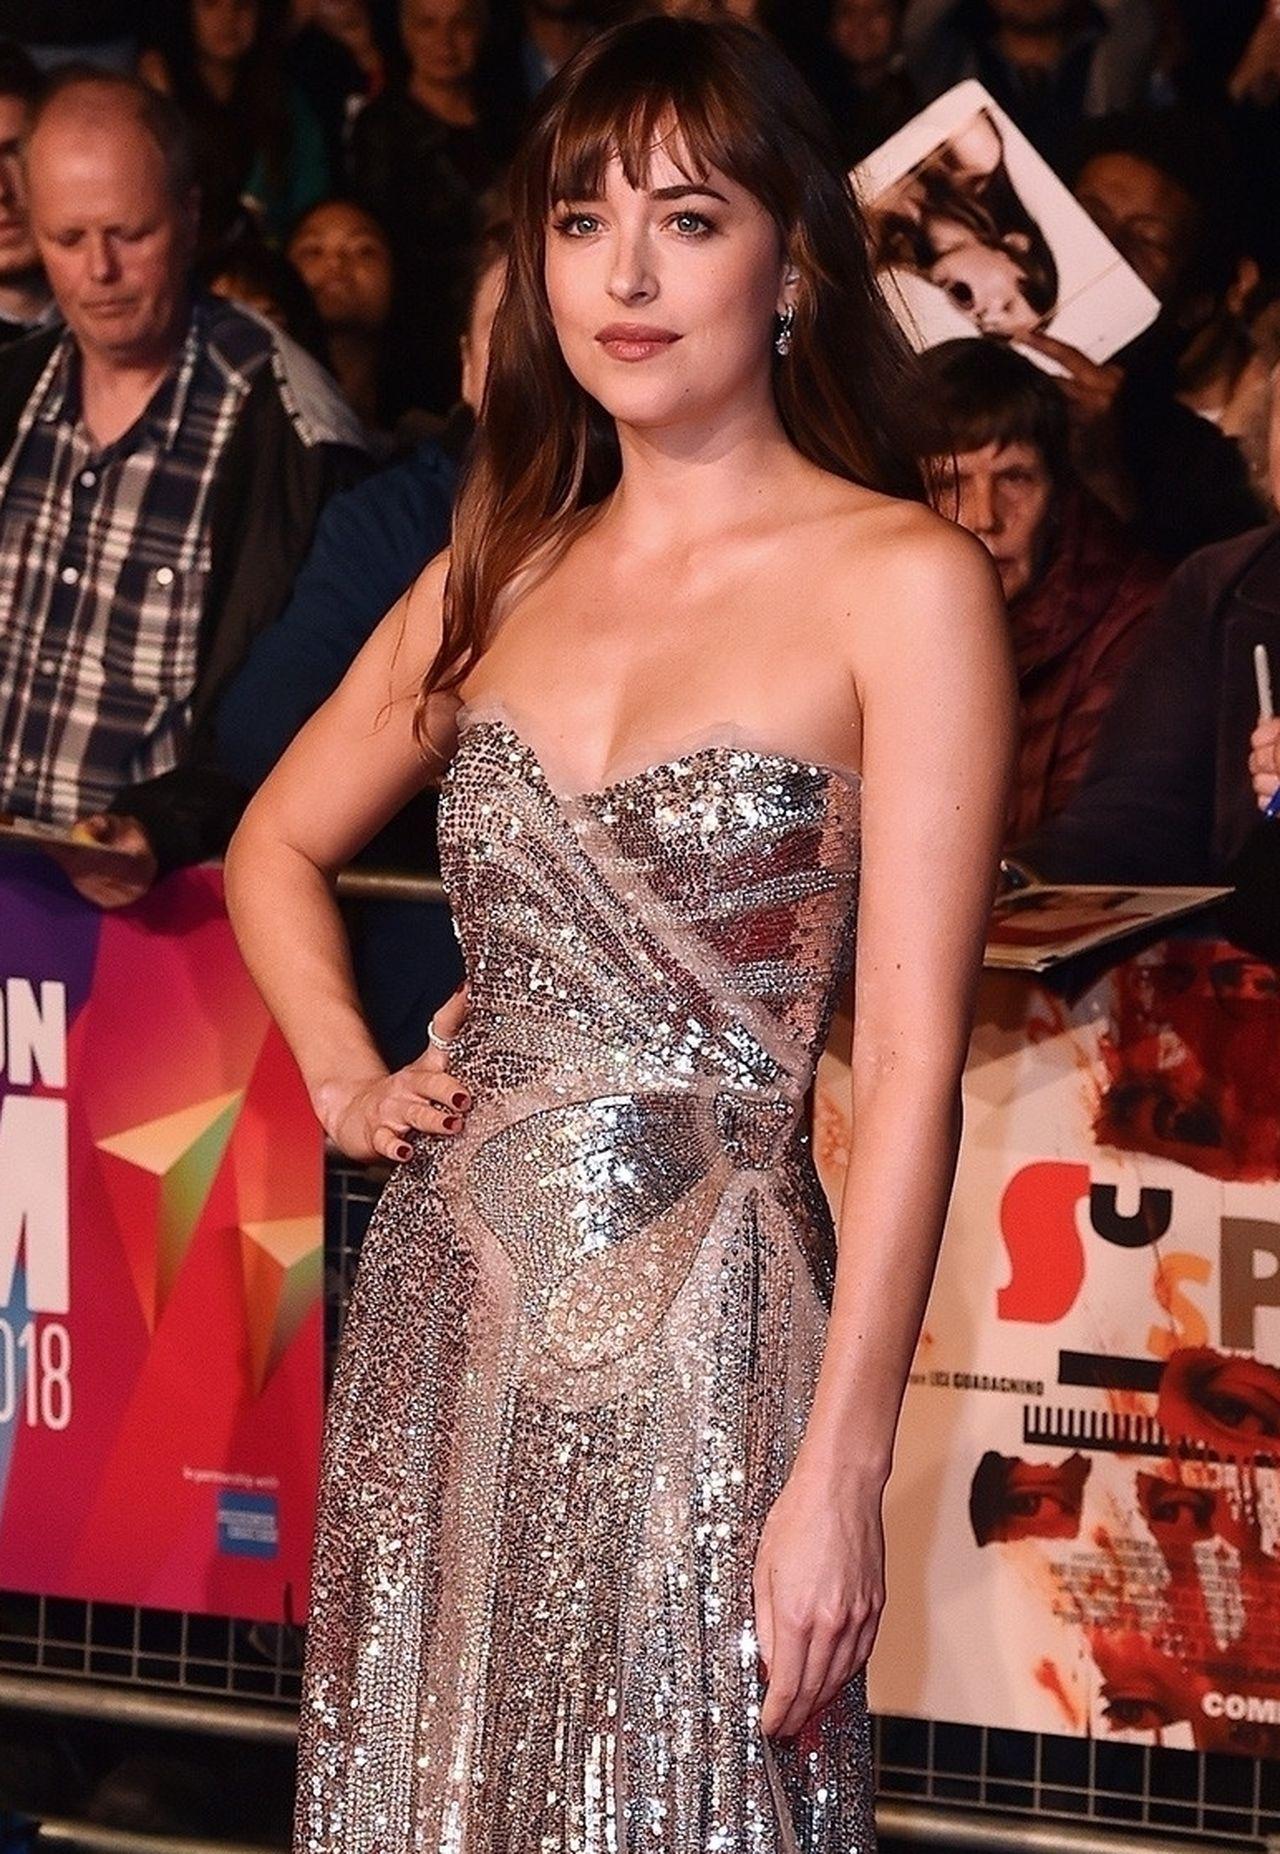 Dakota Johnson pokazała nieogolone pachy na czerwonym dywanie (ZDJECIA)